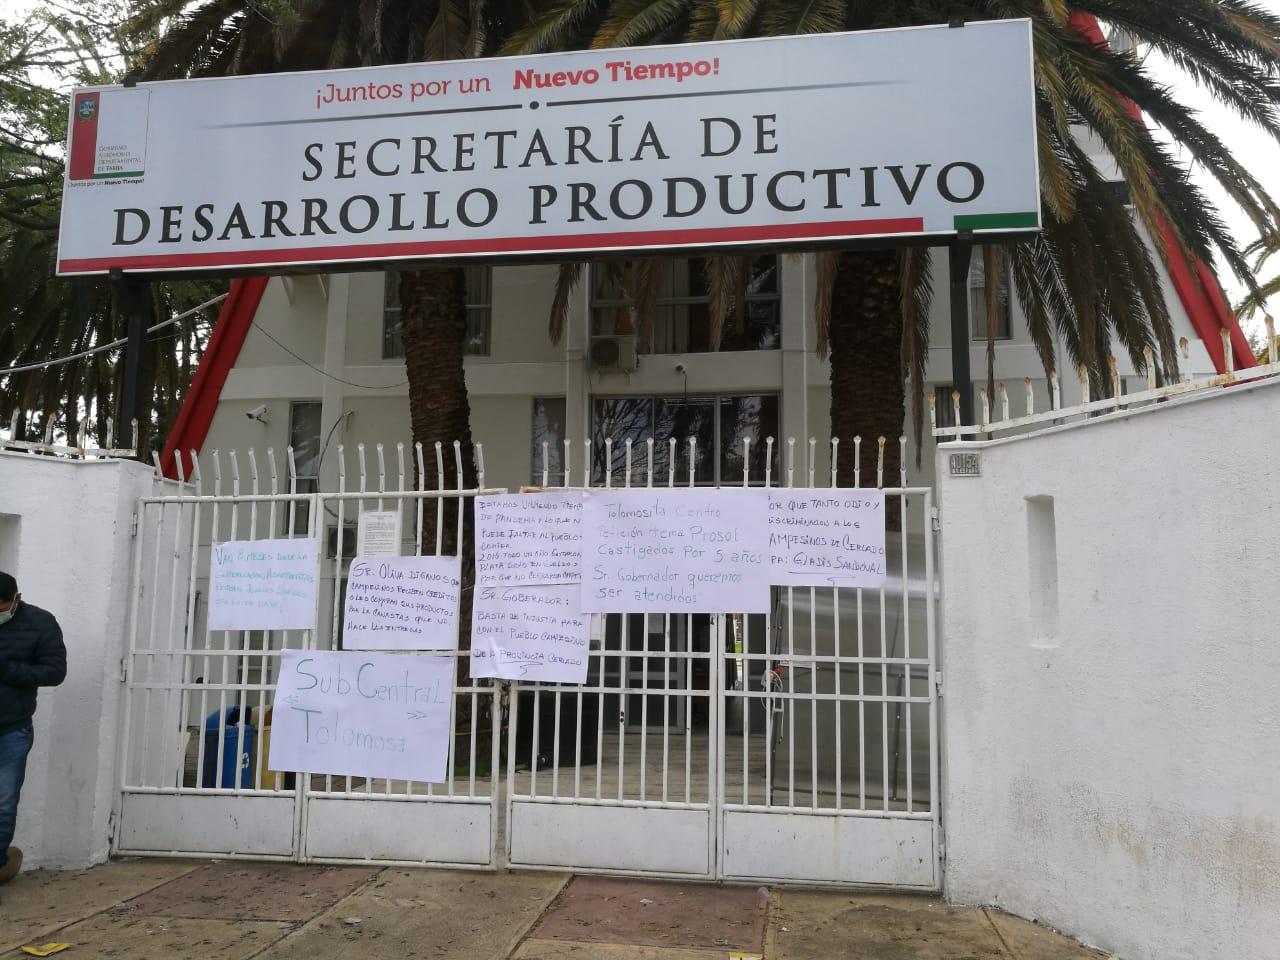 Campesinos de Tarija toman la Secretaría de Desarrollo Productivo pidiendo el Prosol